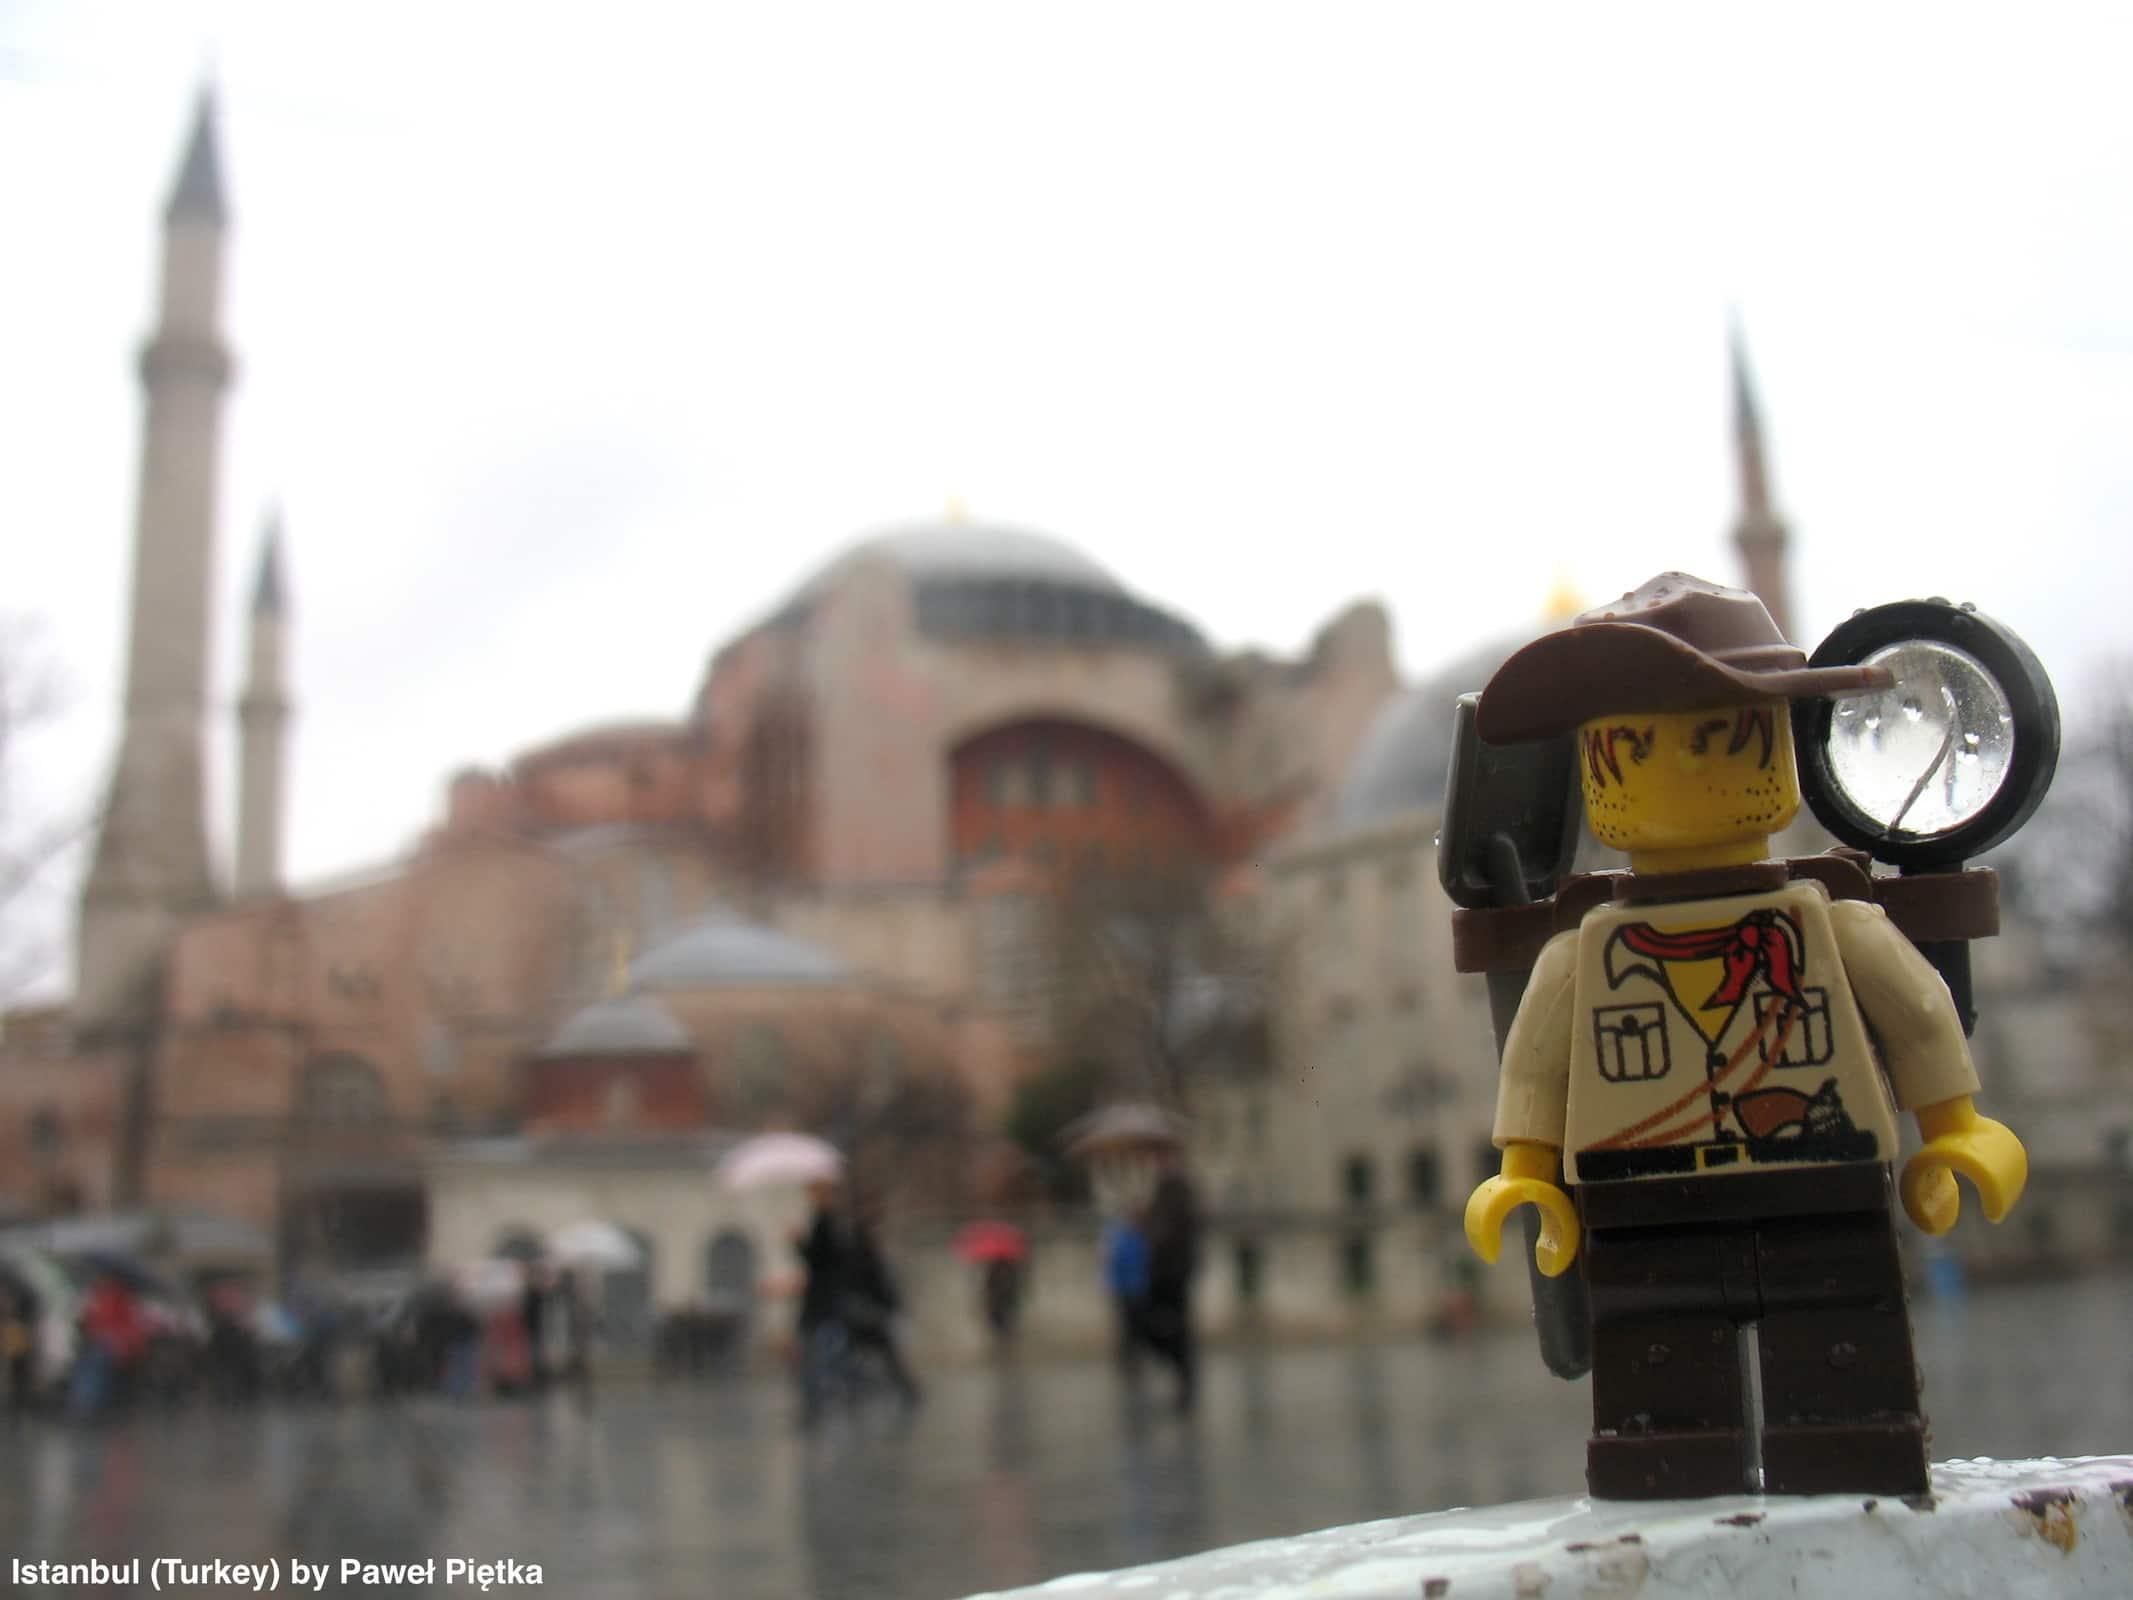 Istanbul (Turkey) - Hagia Sophia